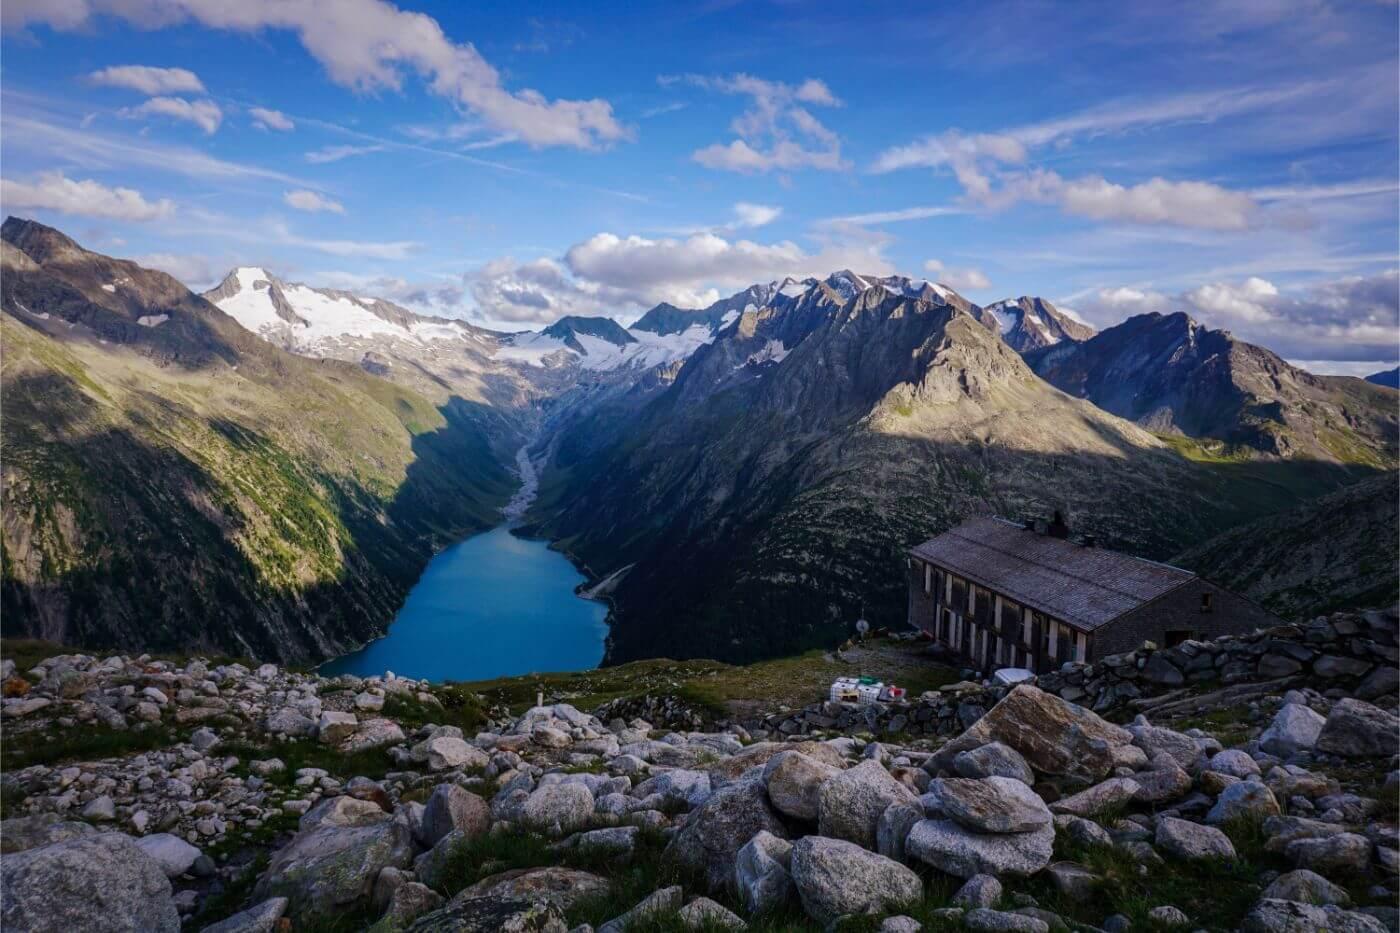 Olpererhütte - mountain refuge along the Berlin High Trail, Zillertal Alps, Austria